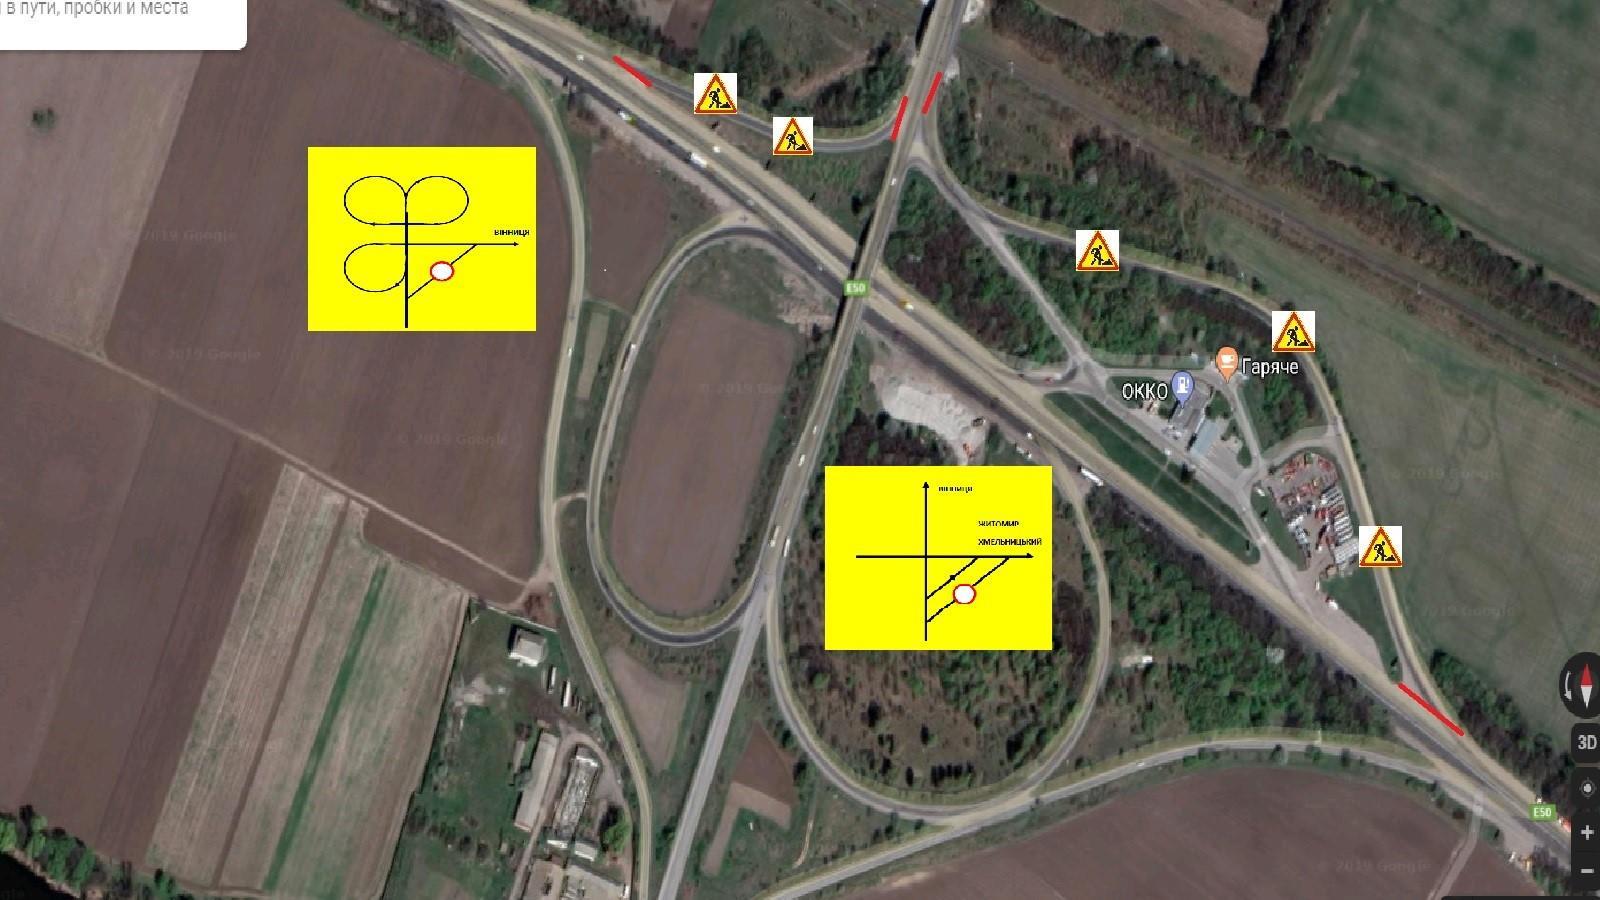 На в'їзді у Вінницю тимчасово змінять схему дорожнього руху